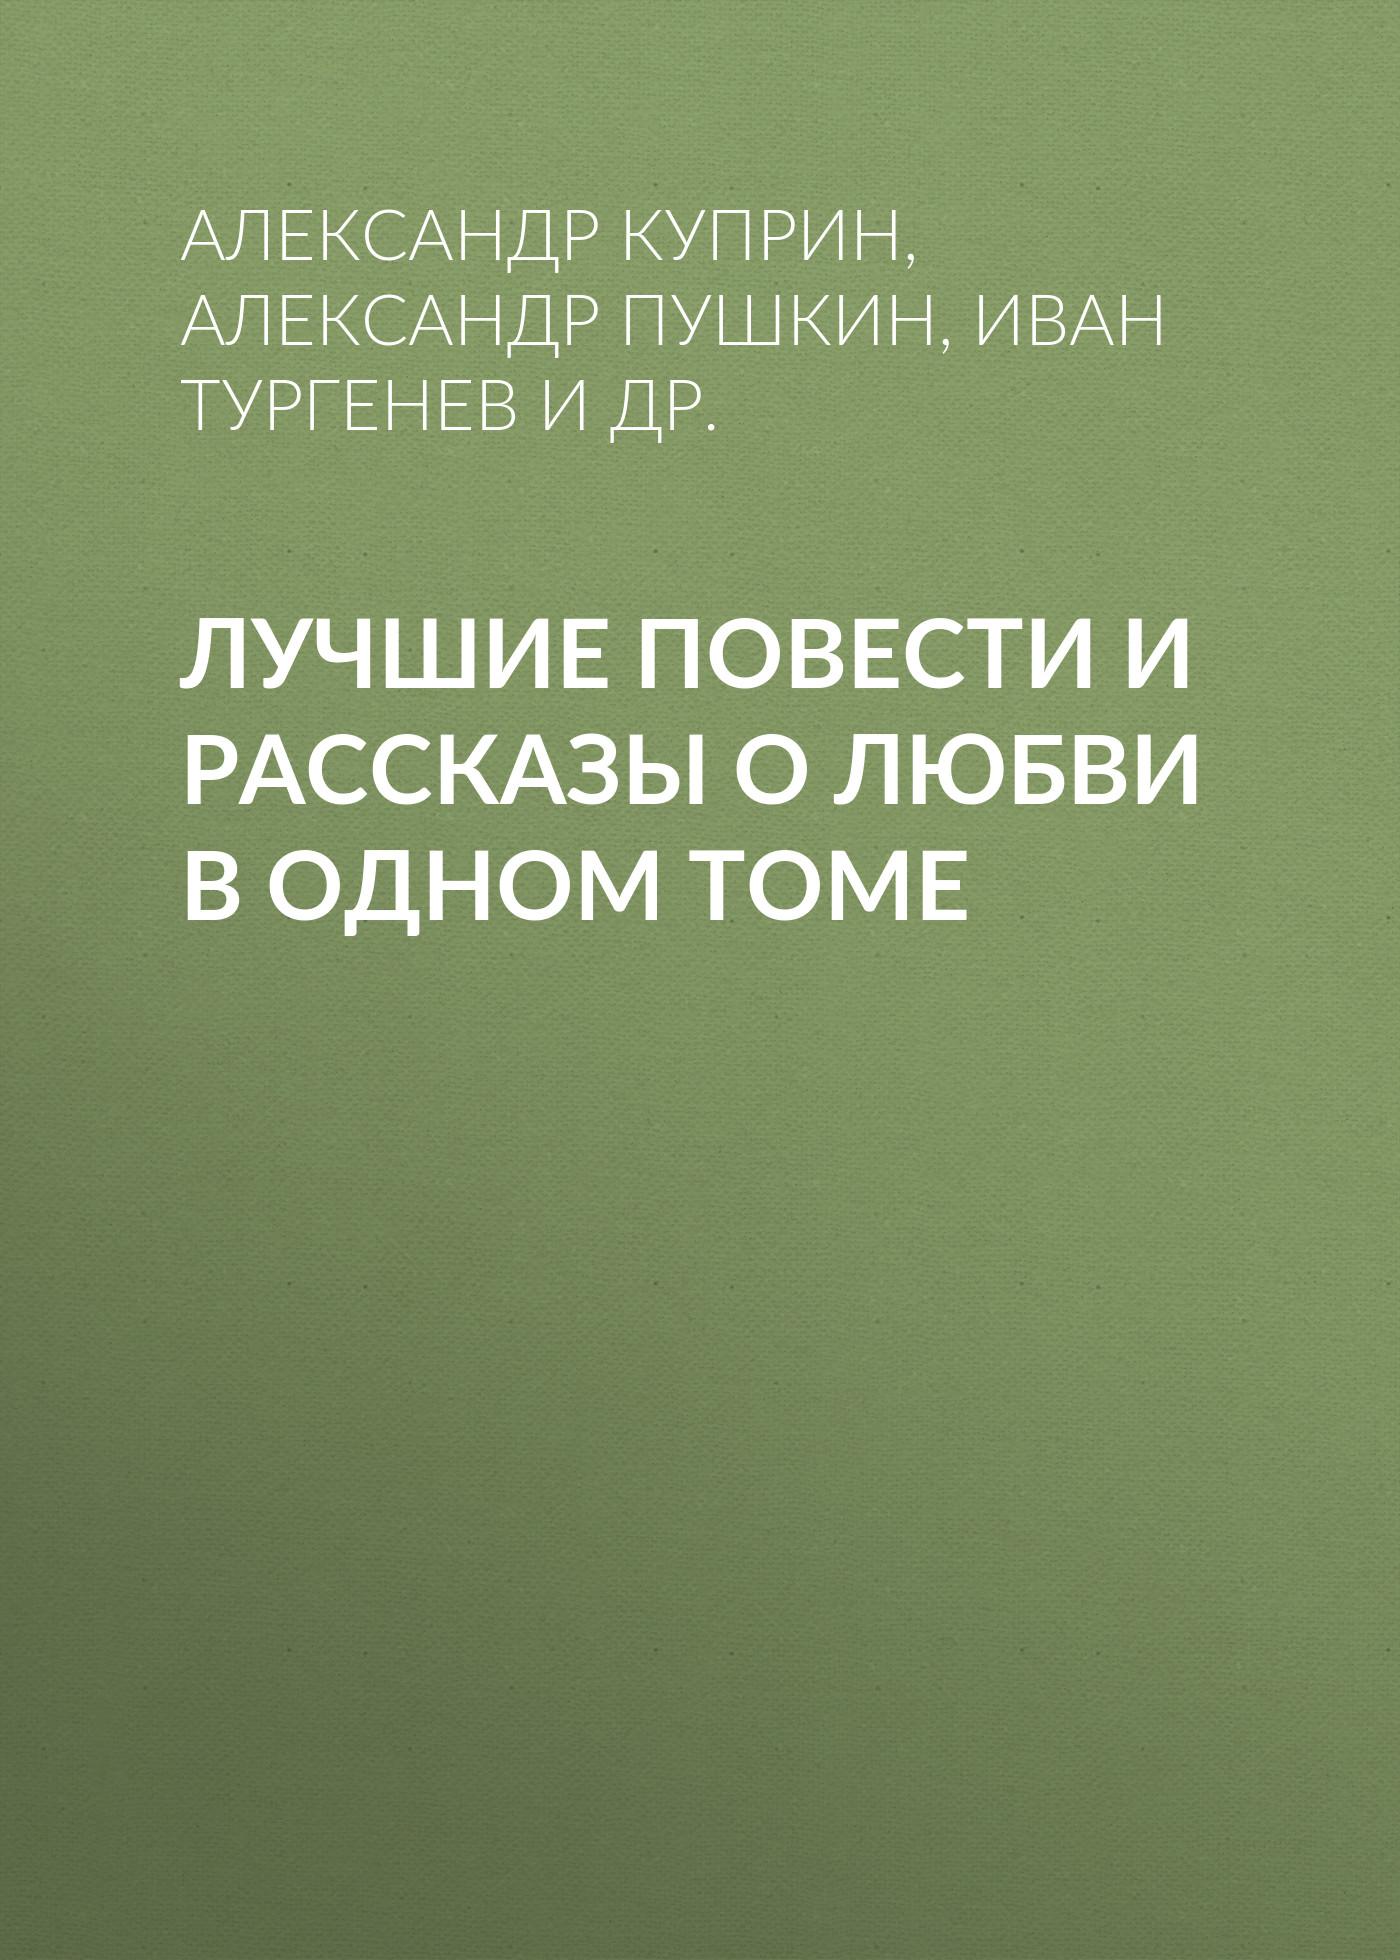 Александр Пушкин Лучшие повести и рассказы о любви в одном томе цены онлайн